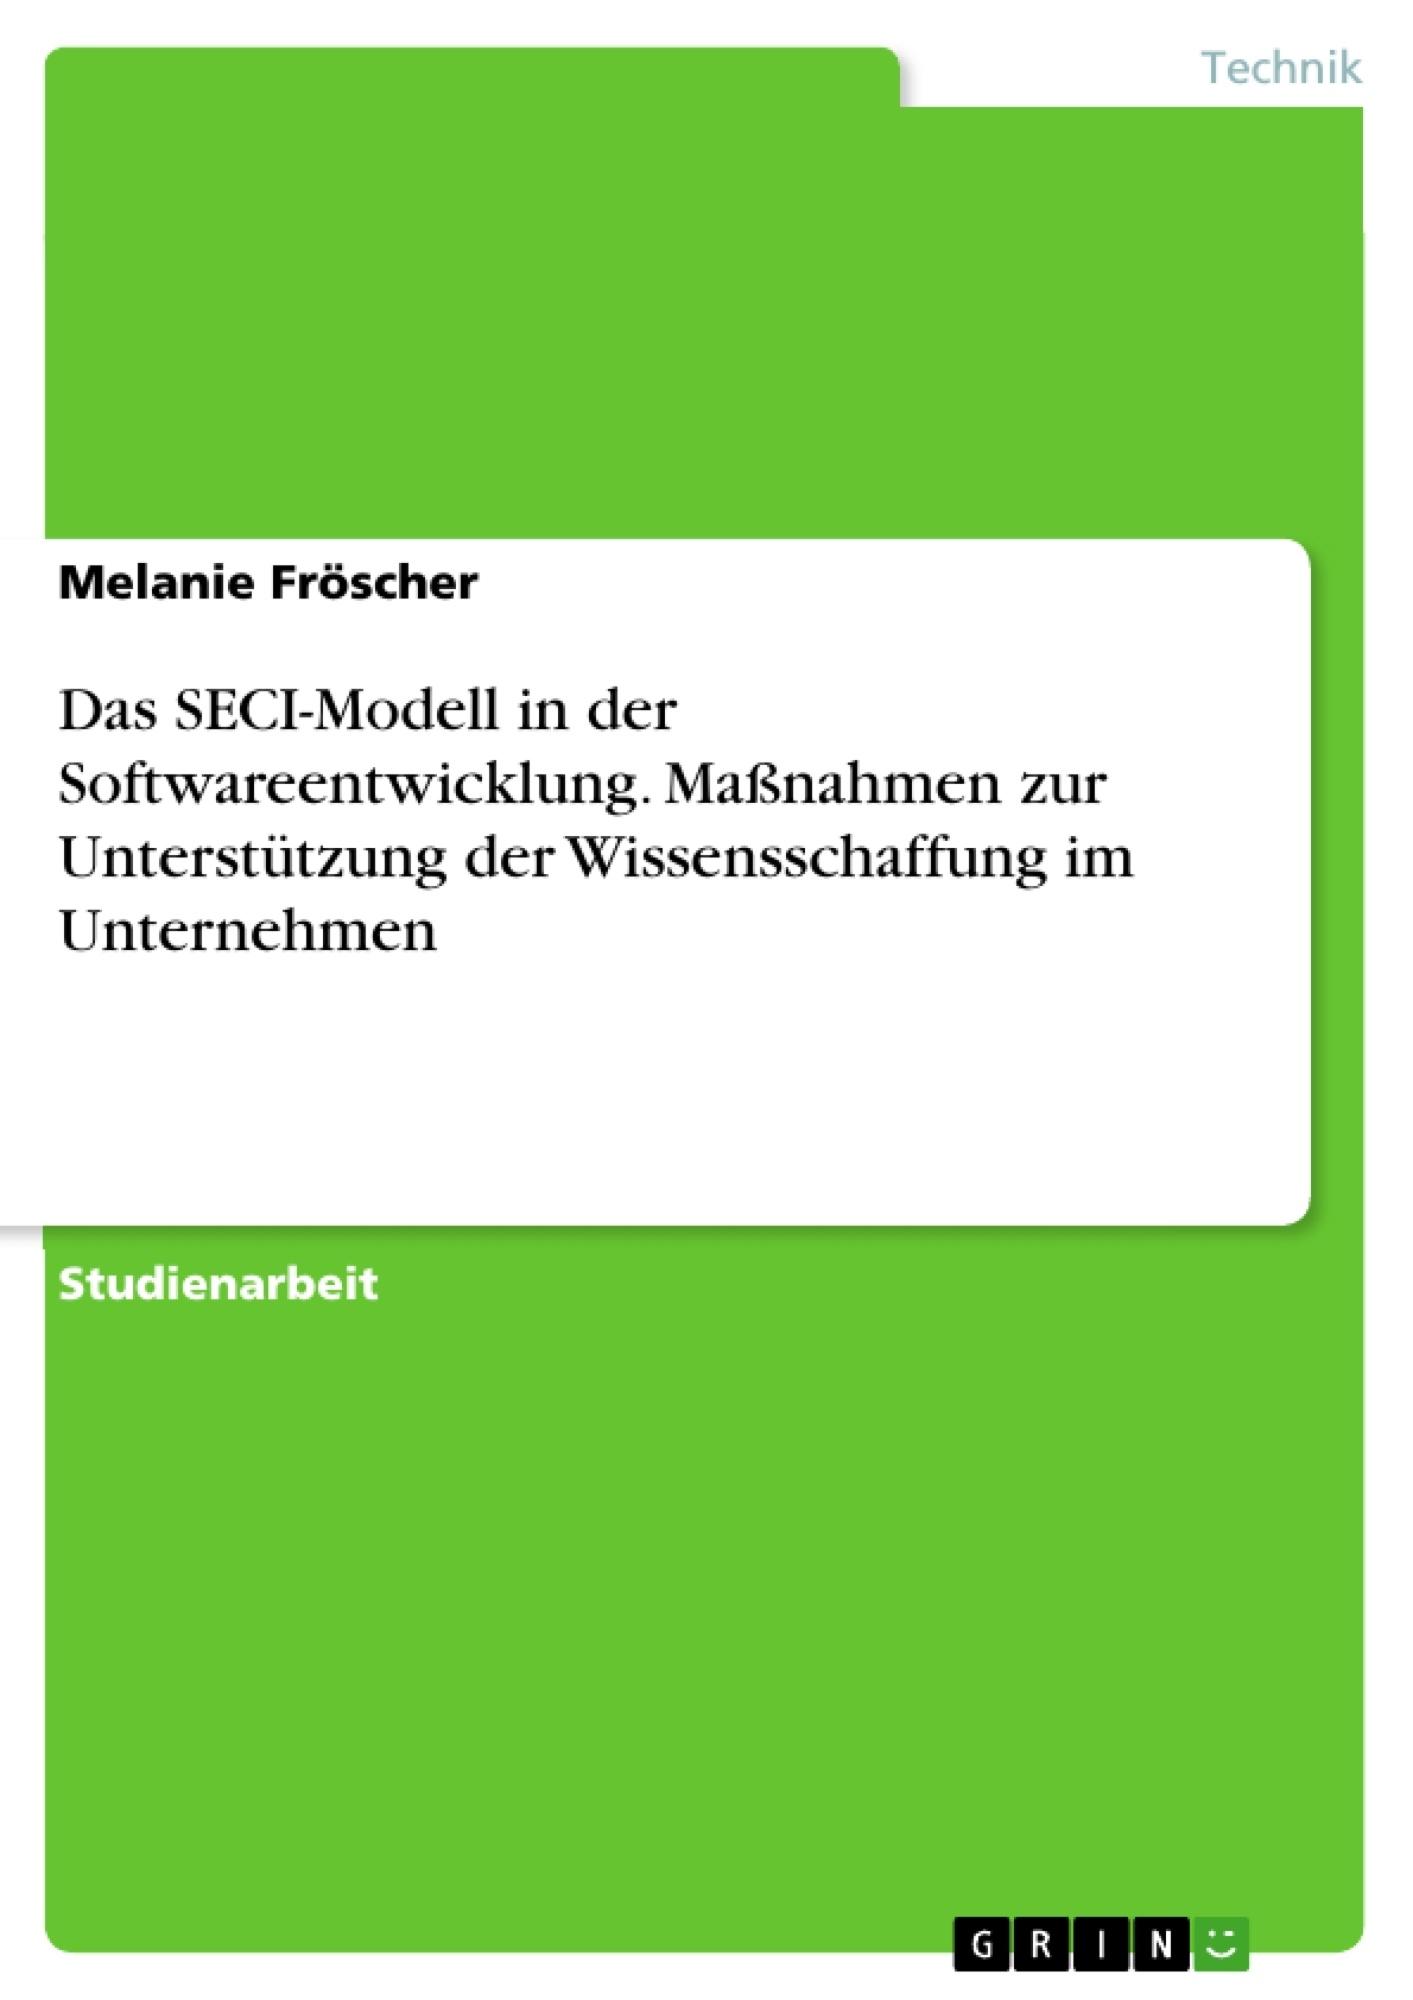 Titel: Das SECI-Modell in der Softwareentwicklung.  Maßnahmen zur Unterstützung der Wissensschaffung im Unternehmen